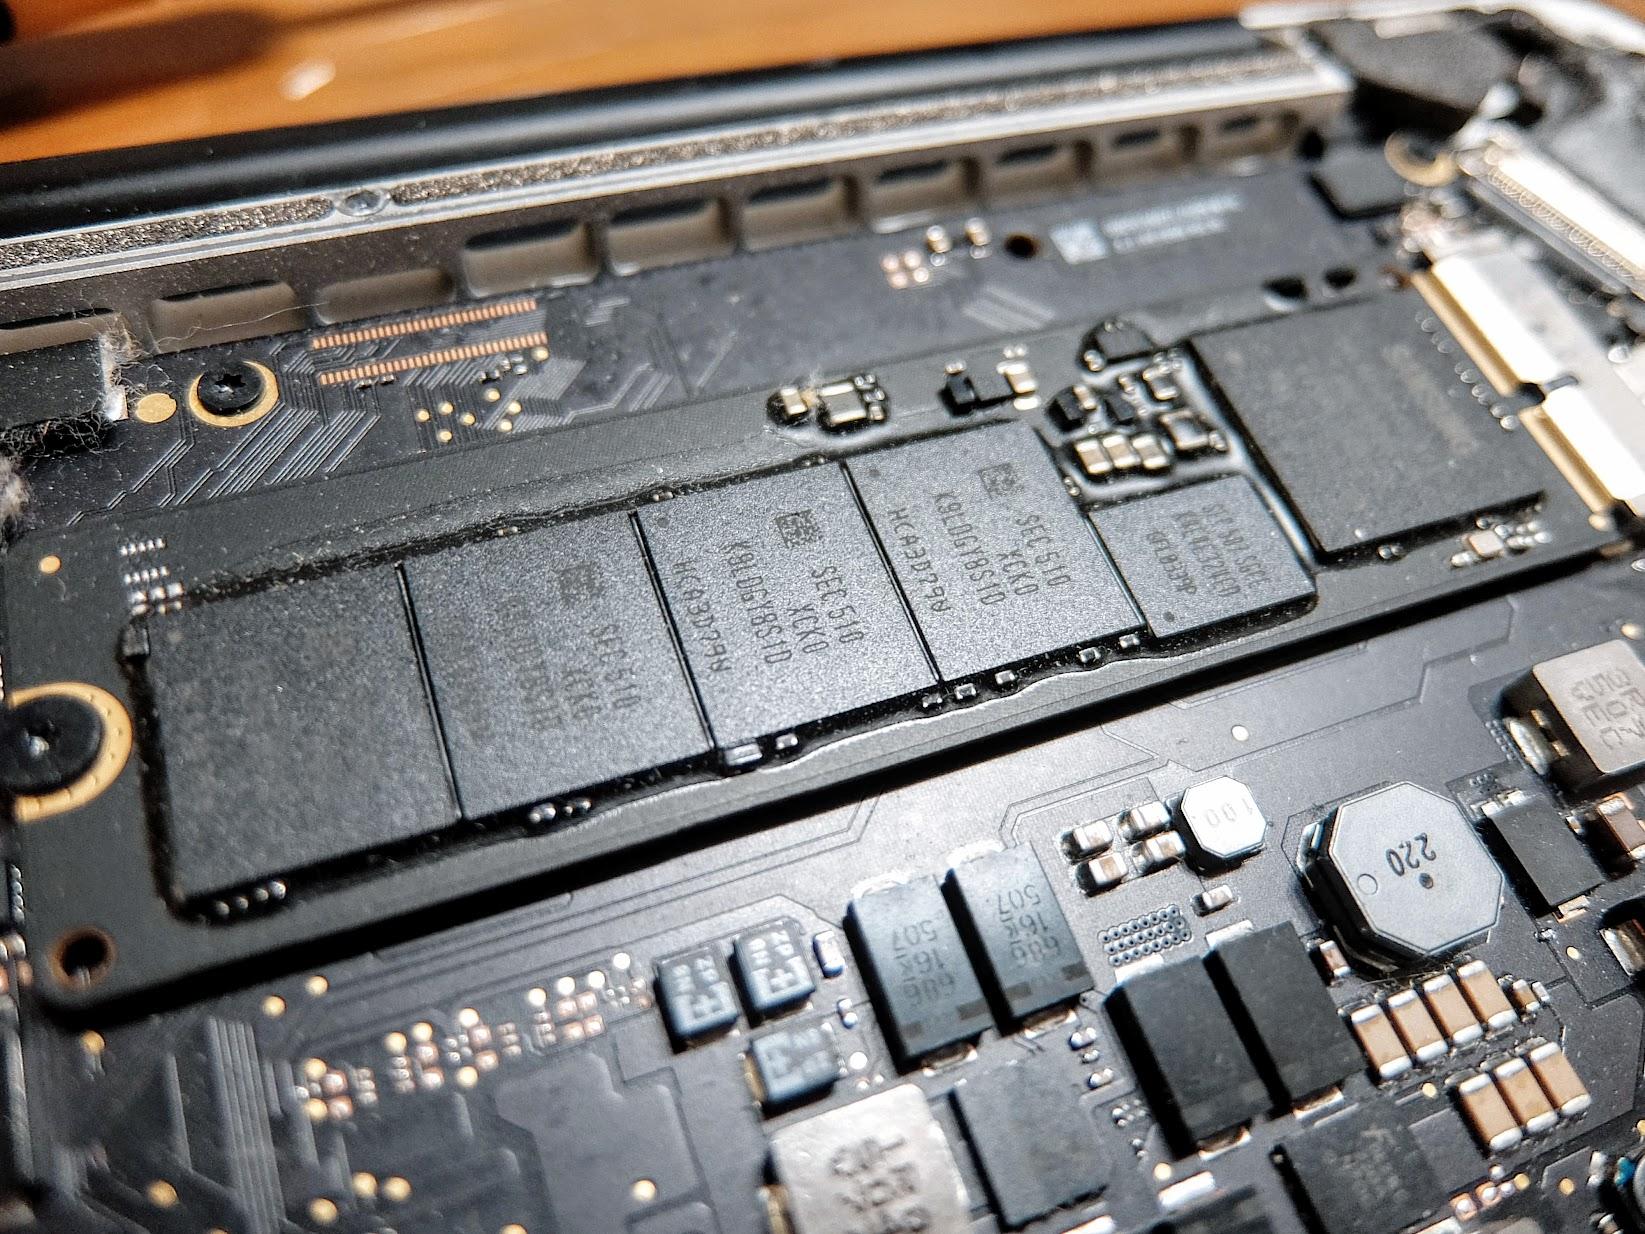 原本放硬碟的地方,還好這一代沒有焊死,不然就不能換了!! 沒記錯的話,新版的mac全部都一體成型,也就是不能更換了啊!